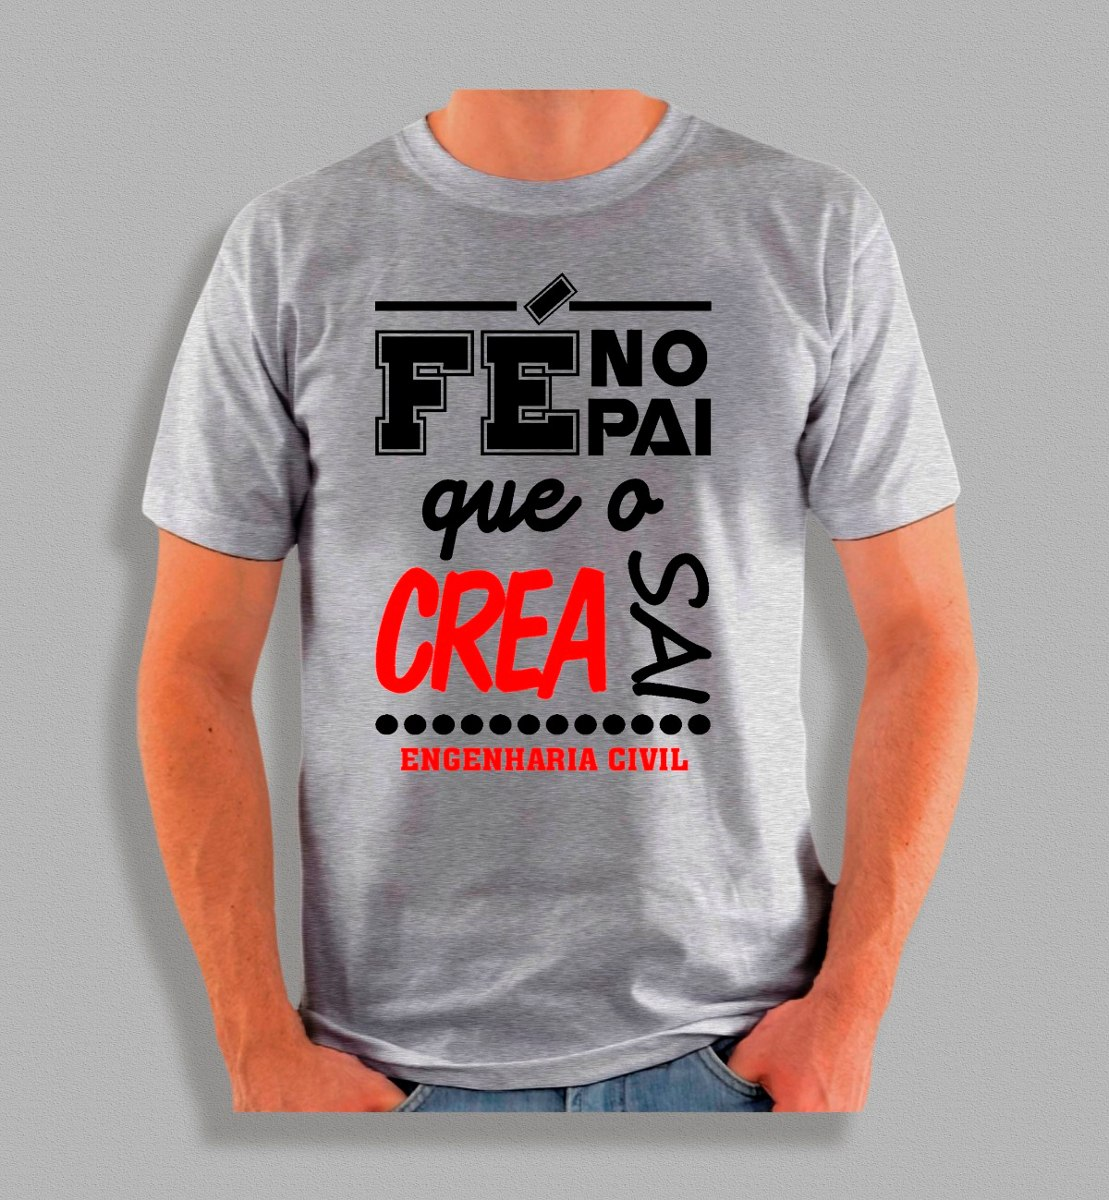 Camisa Camiseta Engenharia Civil Masculina R 4190 Em Mercado Livre